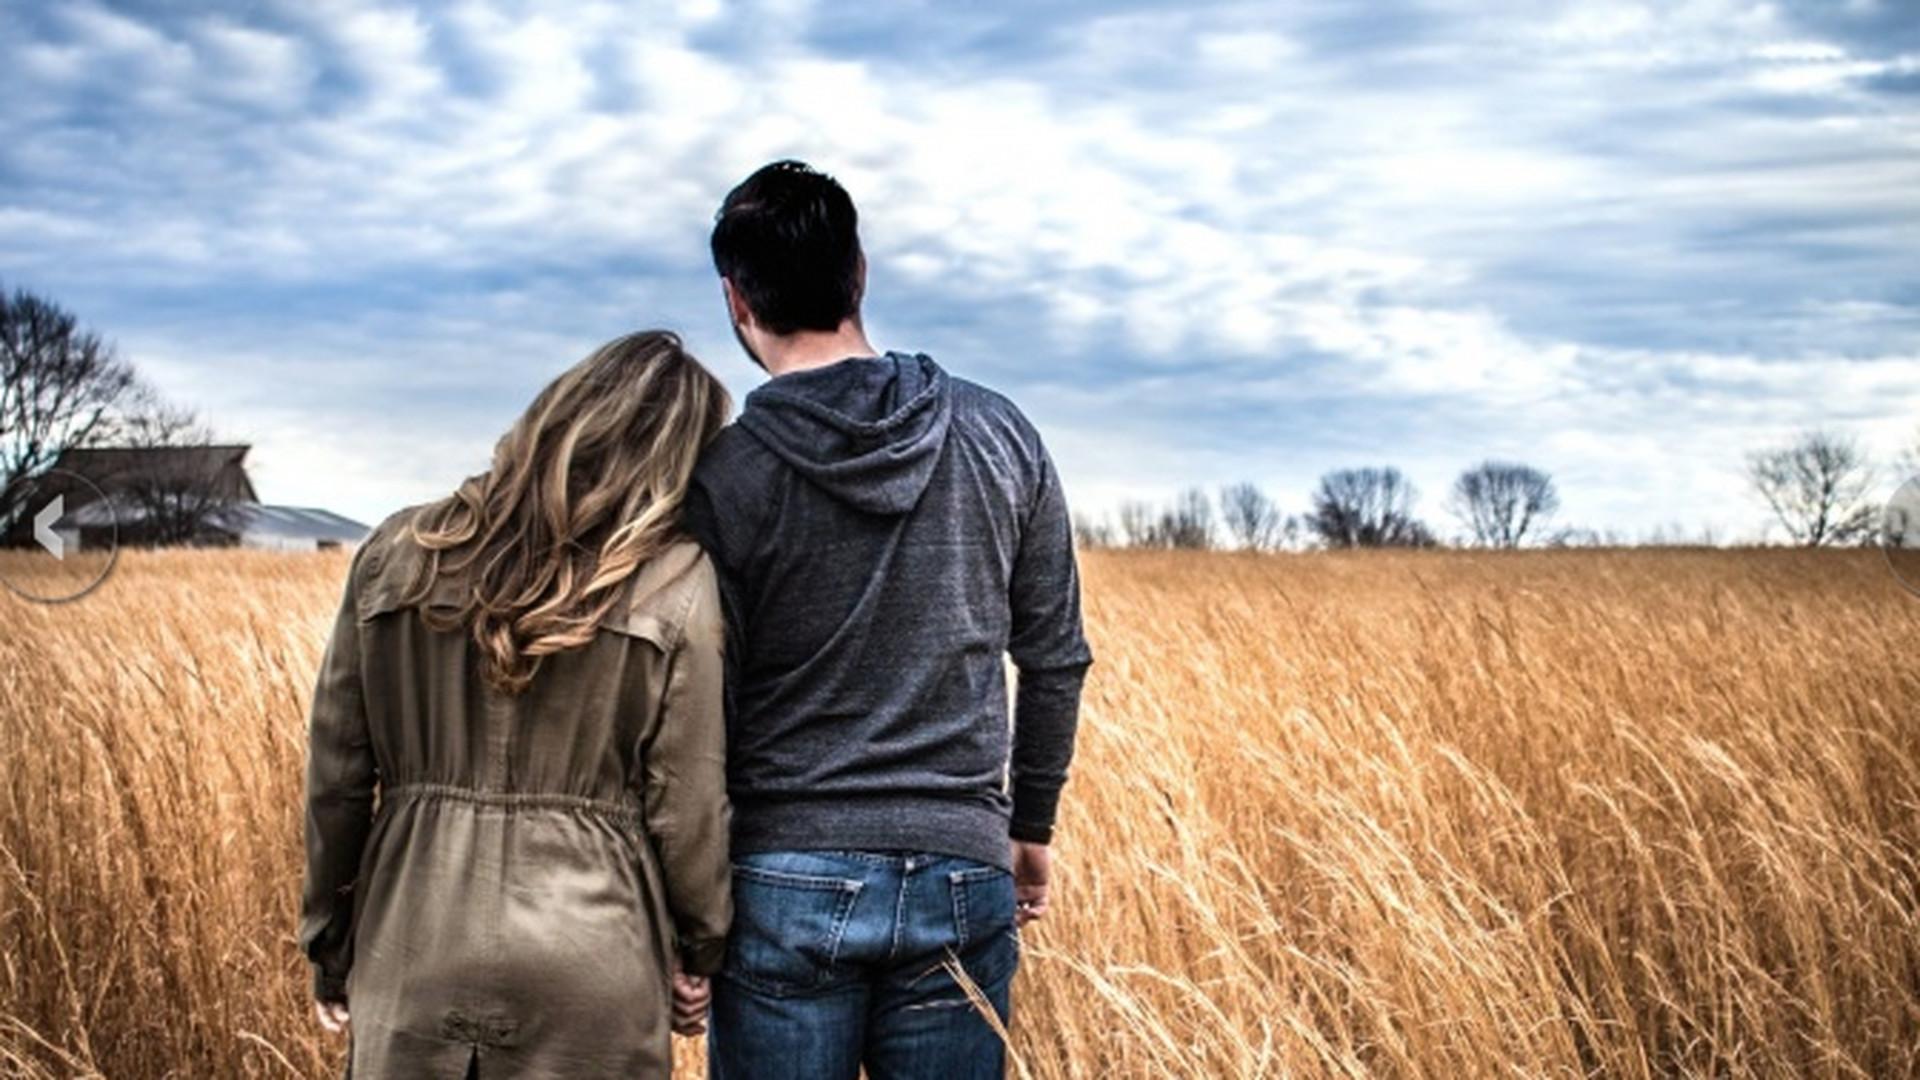 Ab wann ist flirten fremdgehen